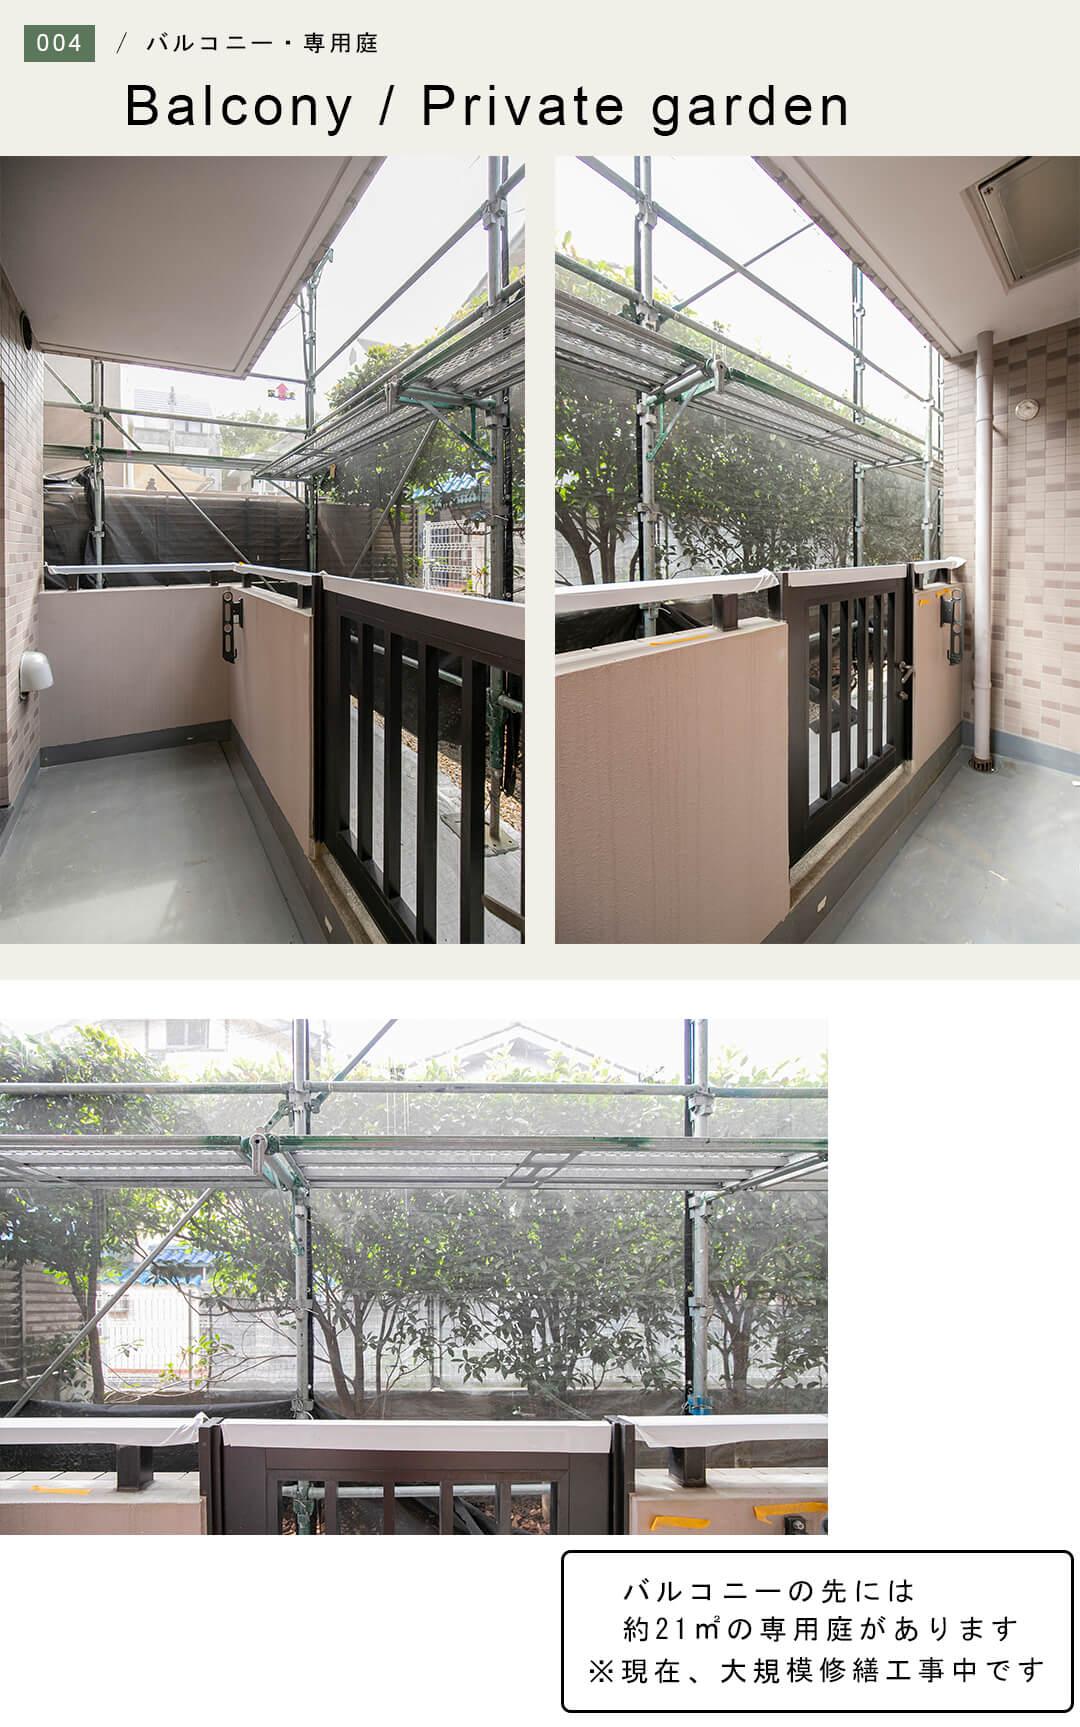 ガーデンホーム早稲田のバルコニーと専用庭